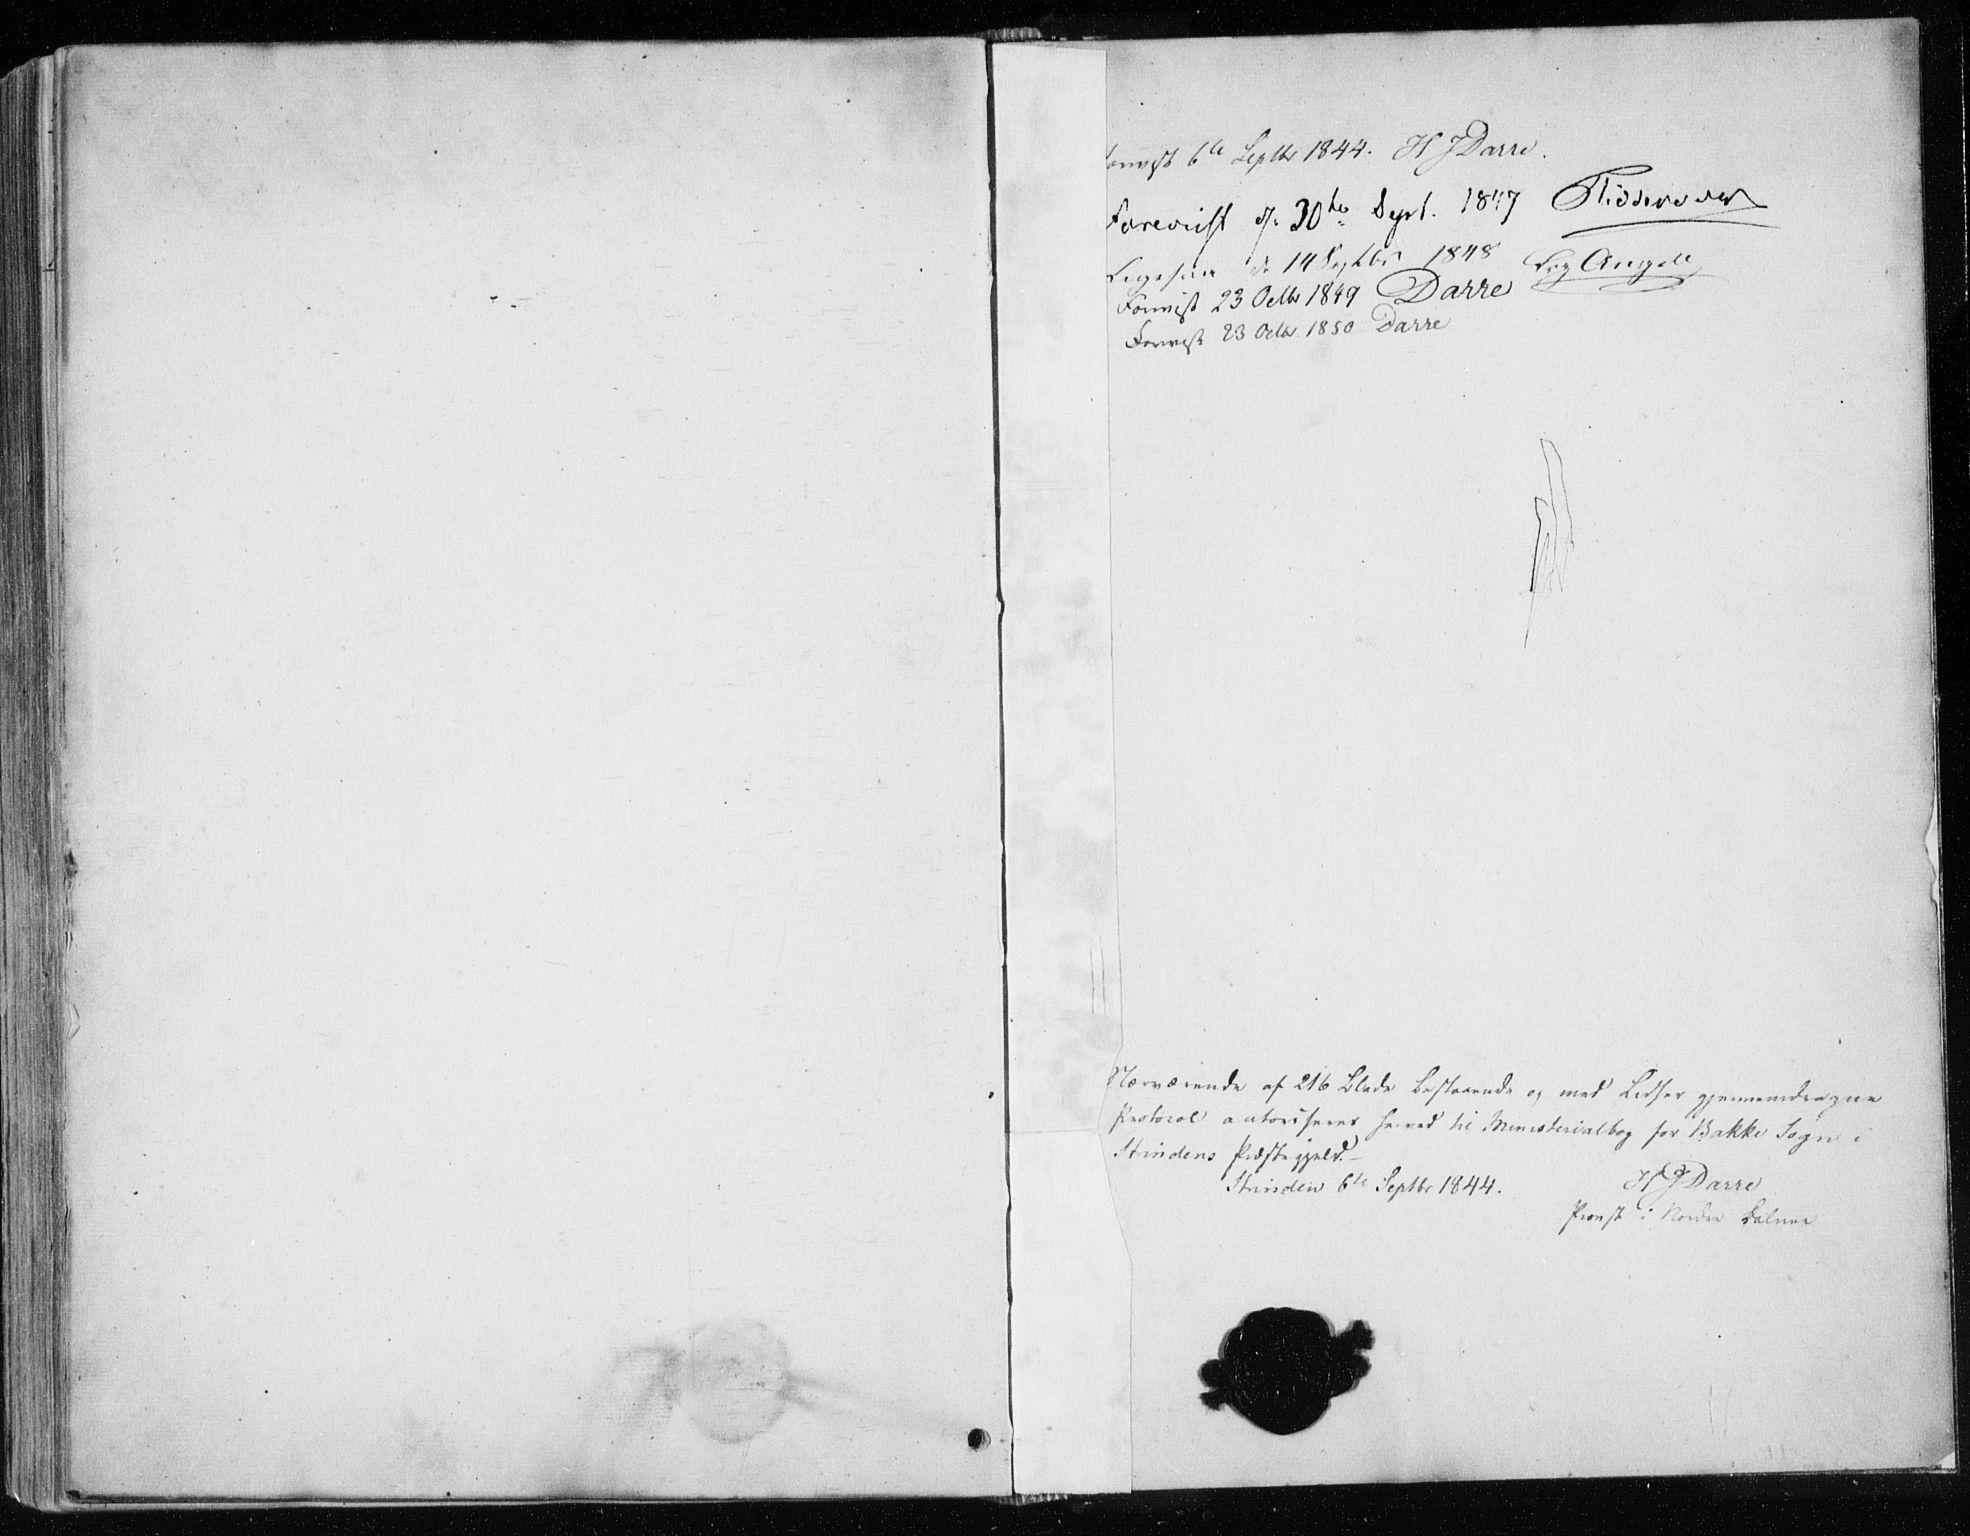 SAT, Ministerialprotokoller, klokkerbøker og fødselsregistre - Sør-Trøndelag, 604/L0183: Ministerialbok nr. 604A04, 1841-1850